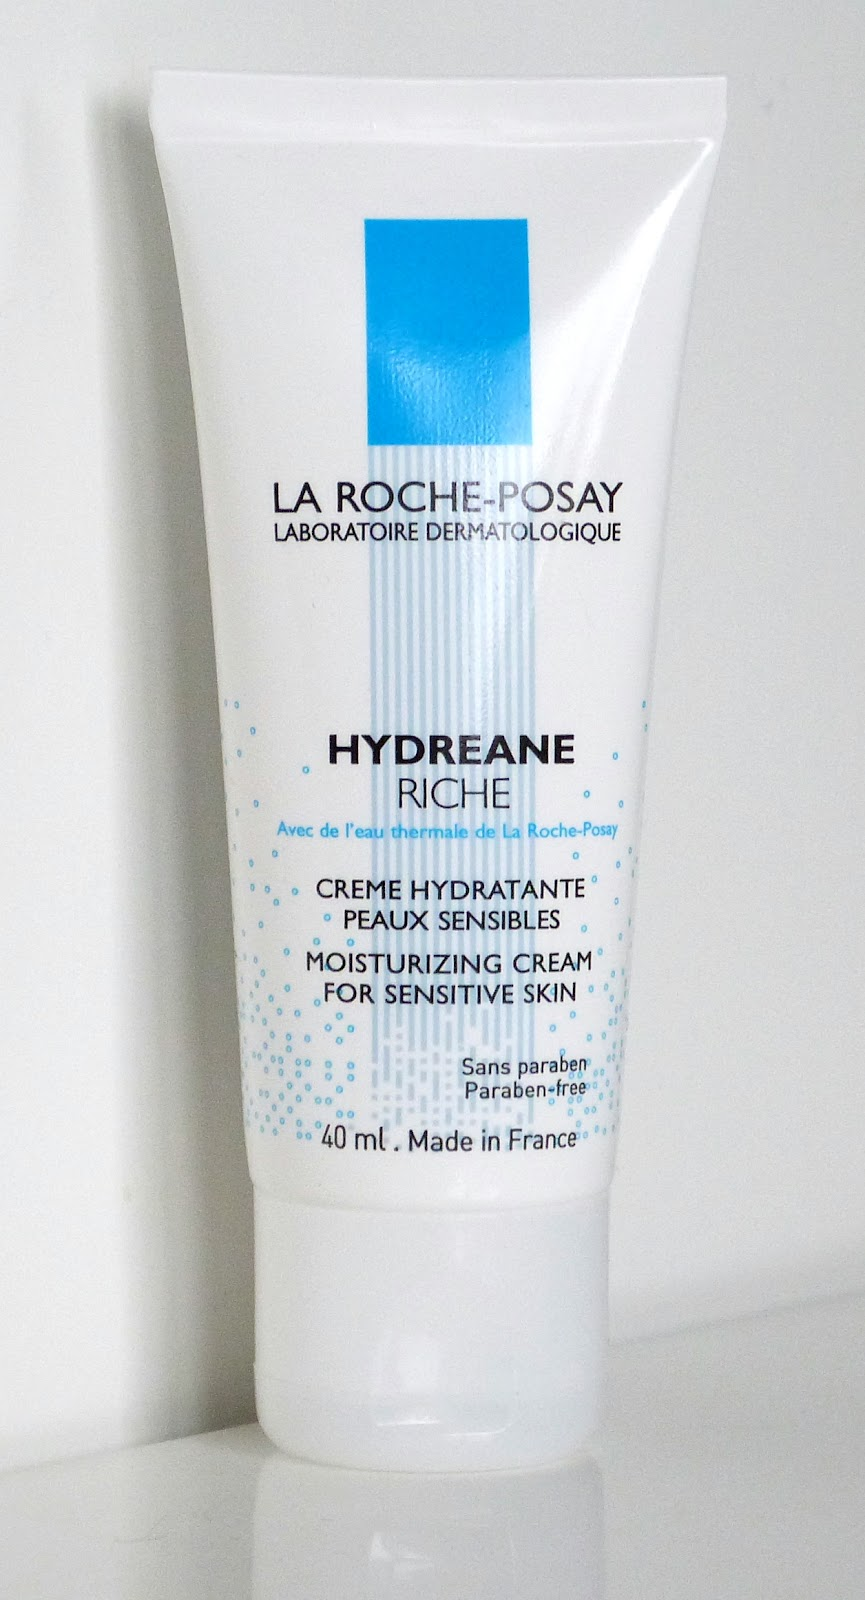 La Roche-Posay Hydreane Riche Moisturising Cream